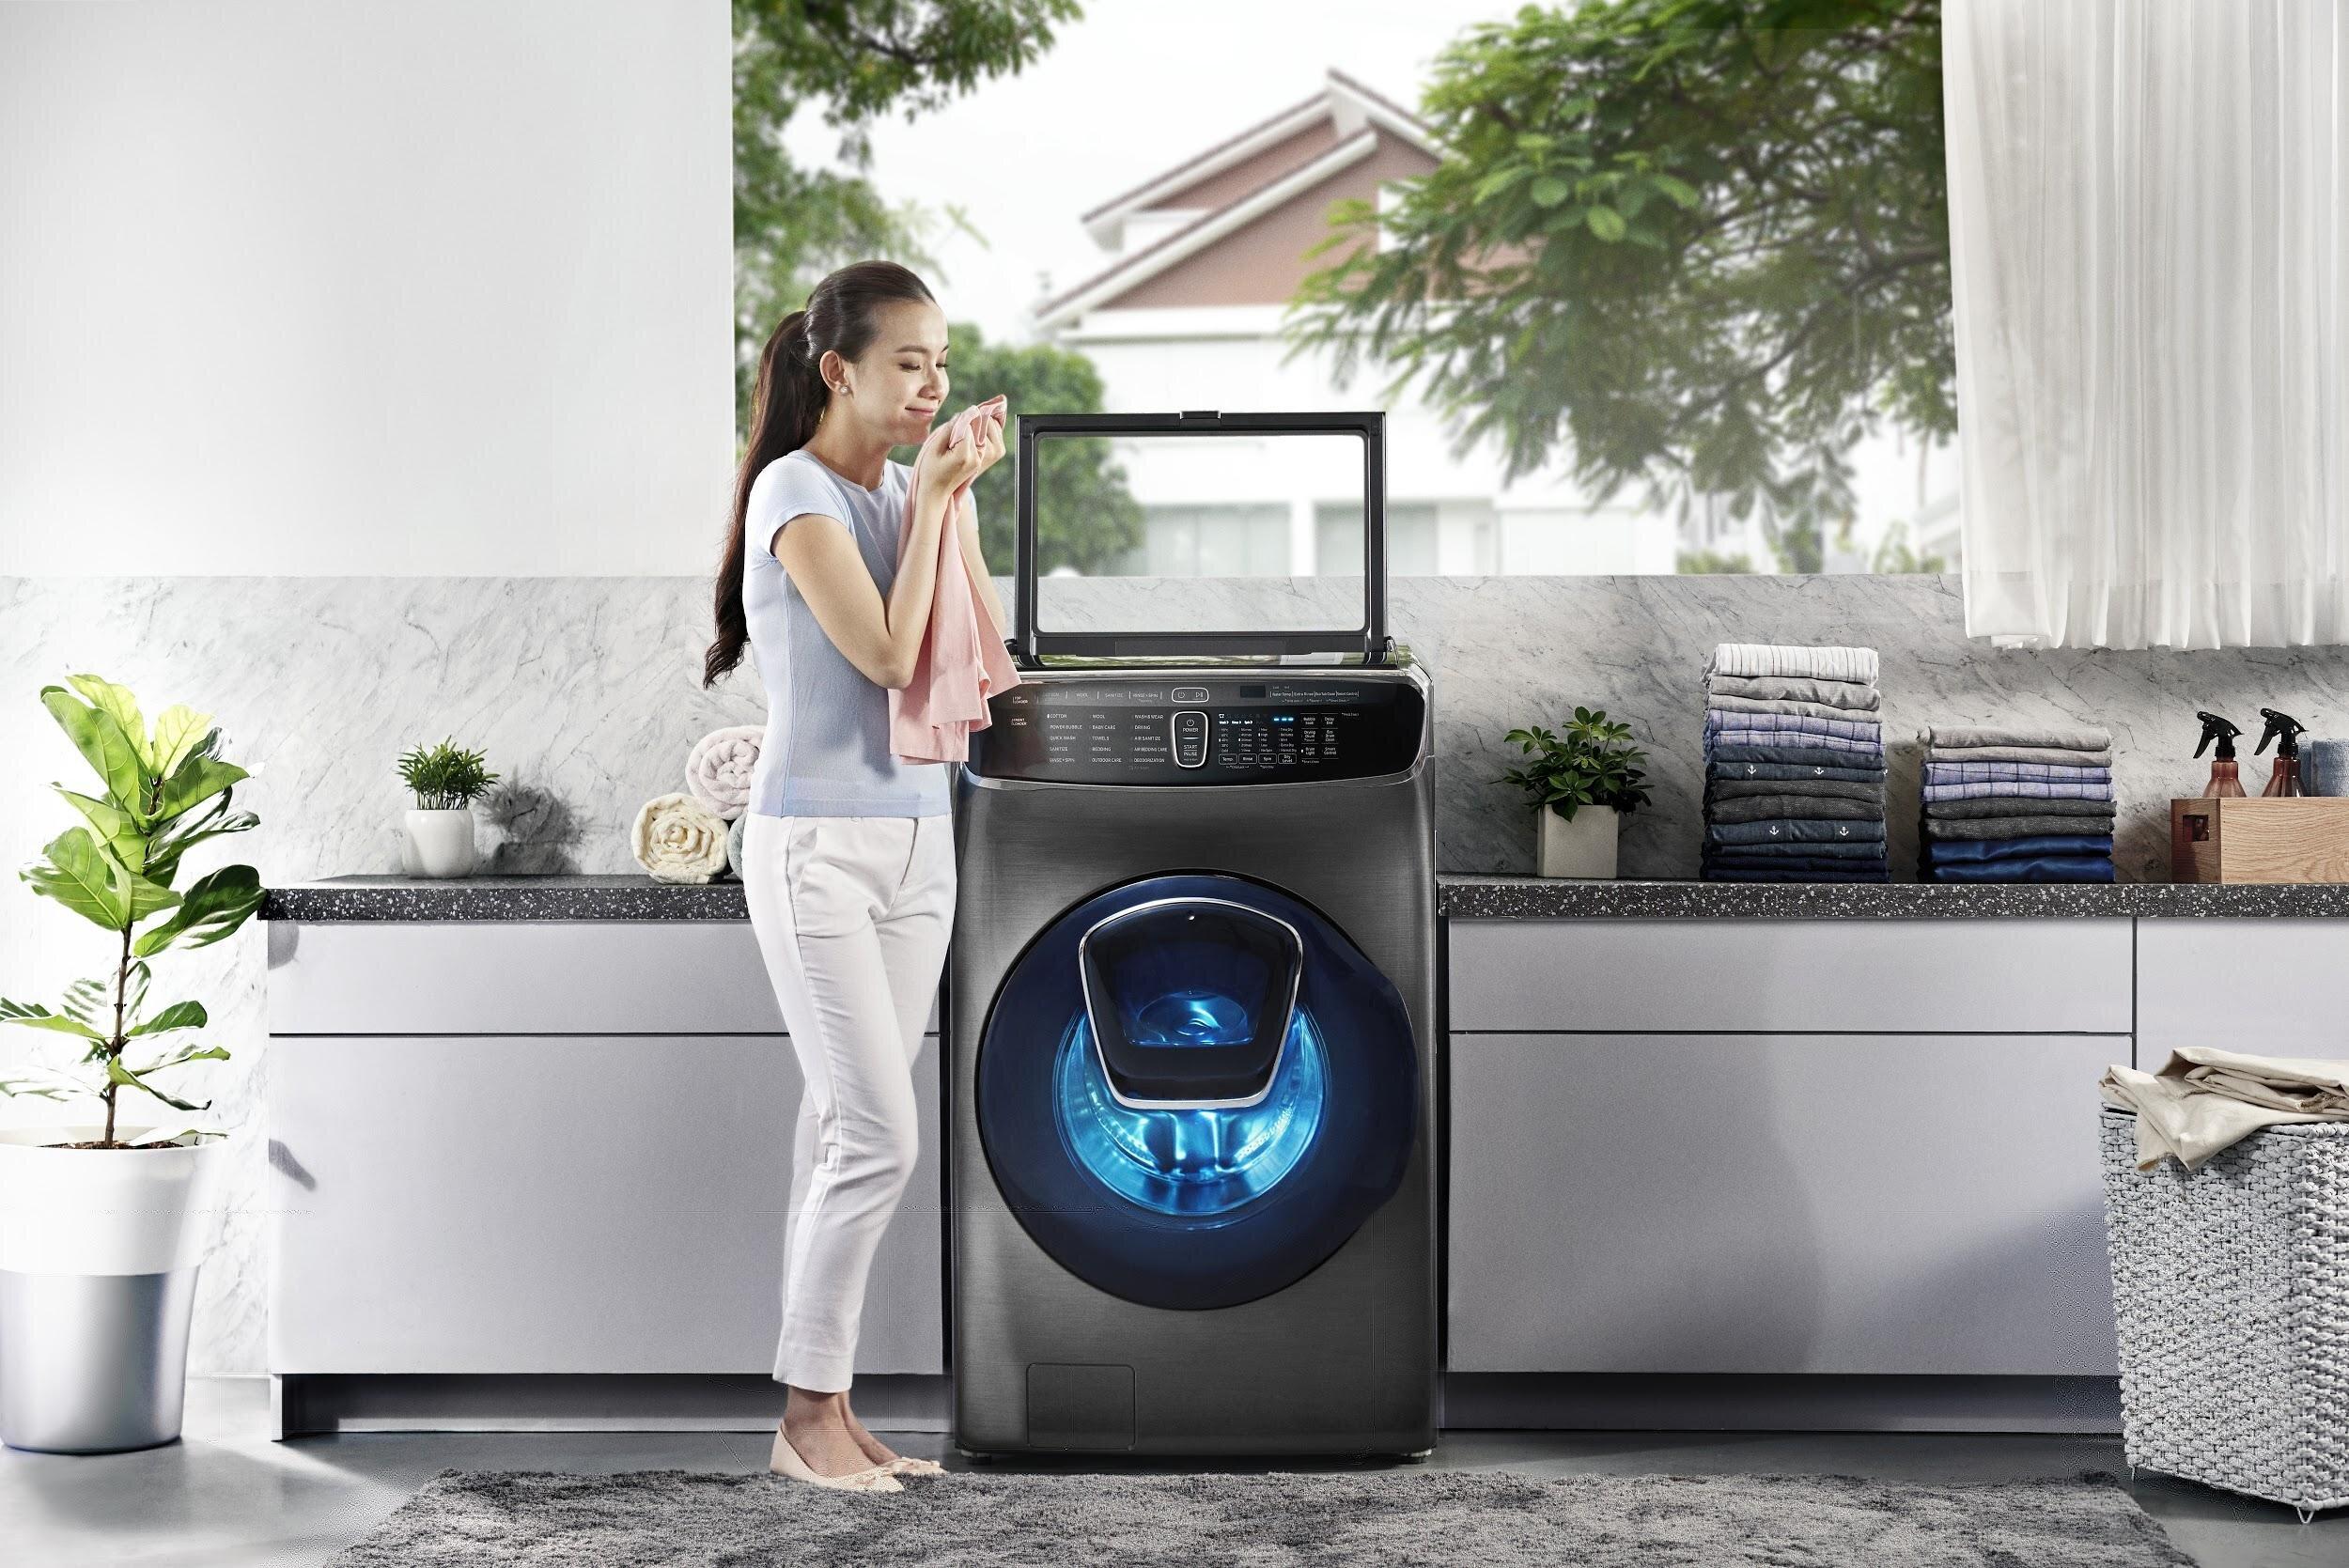 Cả hai ông lớn LG và Samsung đều tích hợp các tính năng mới nhất cho máy giặt